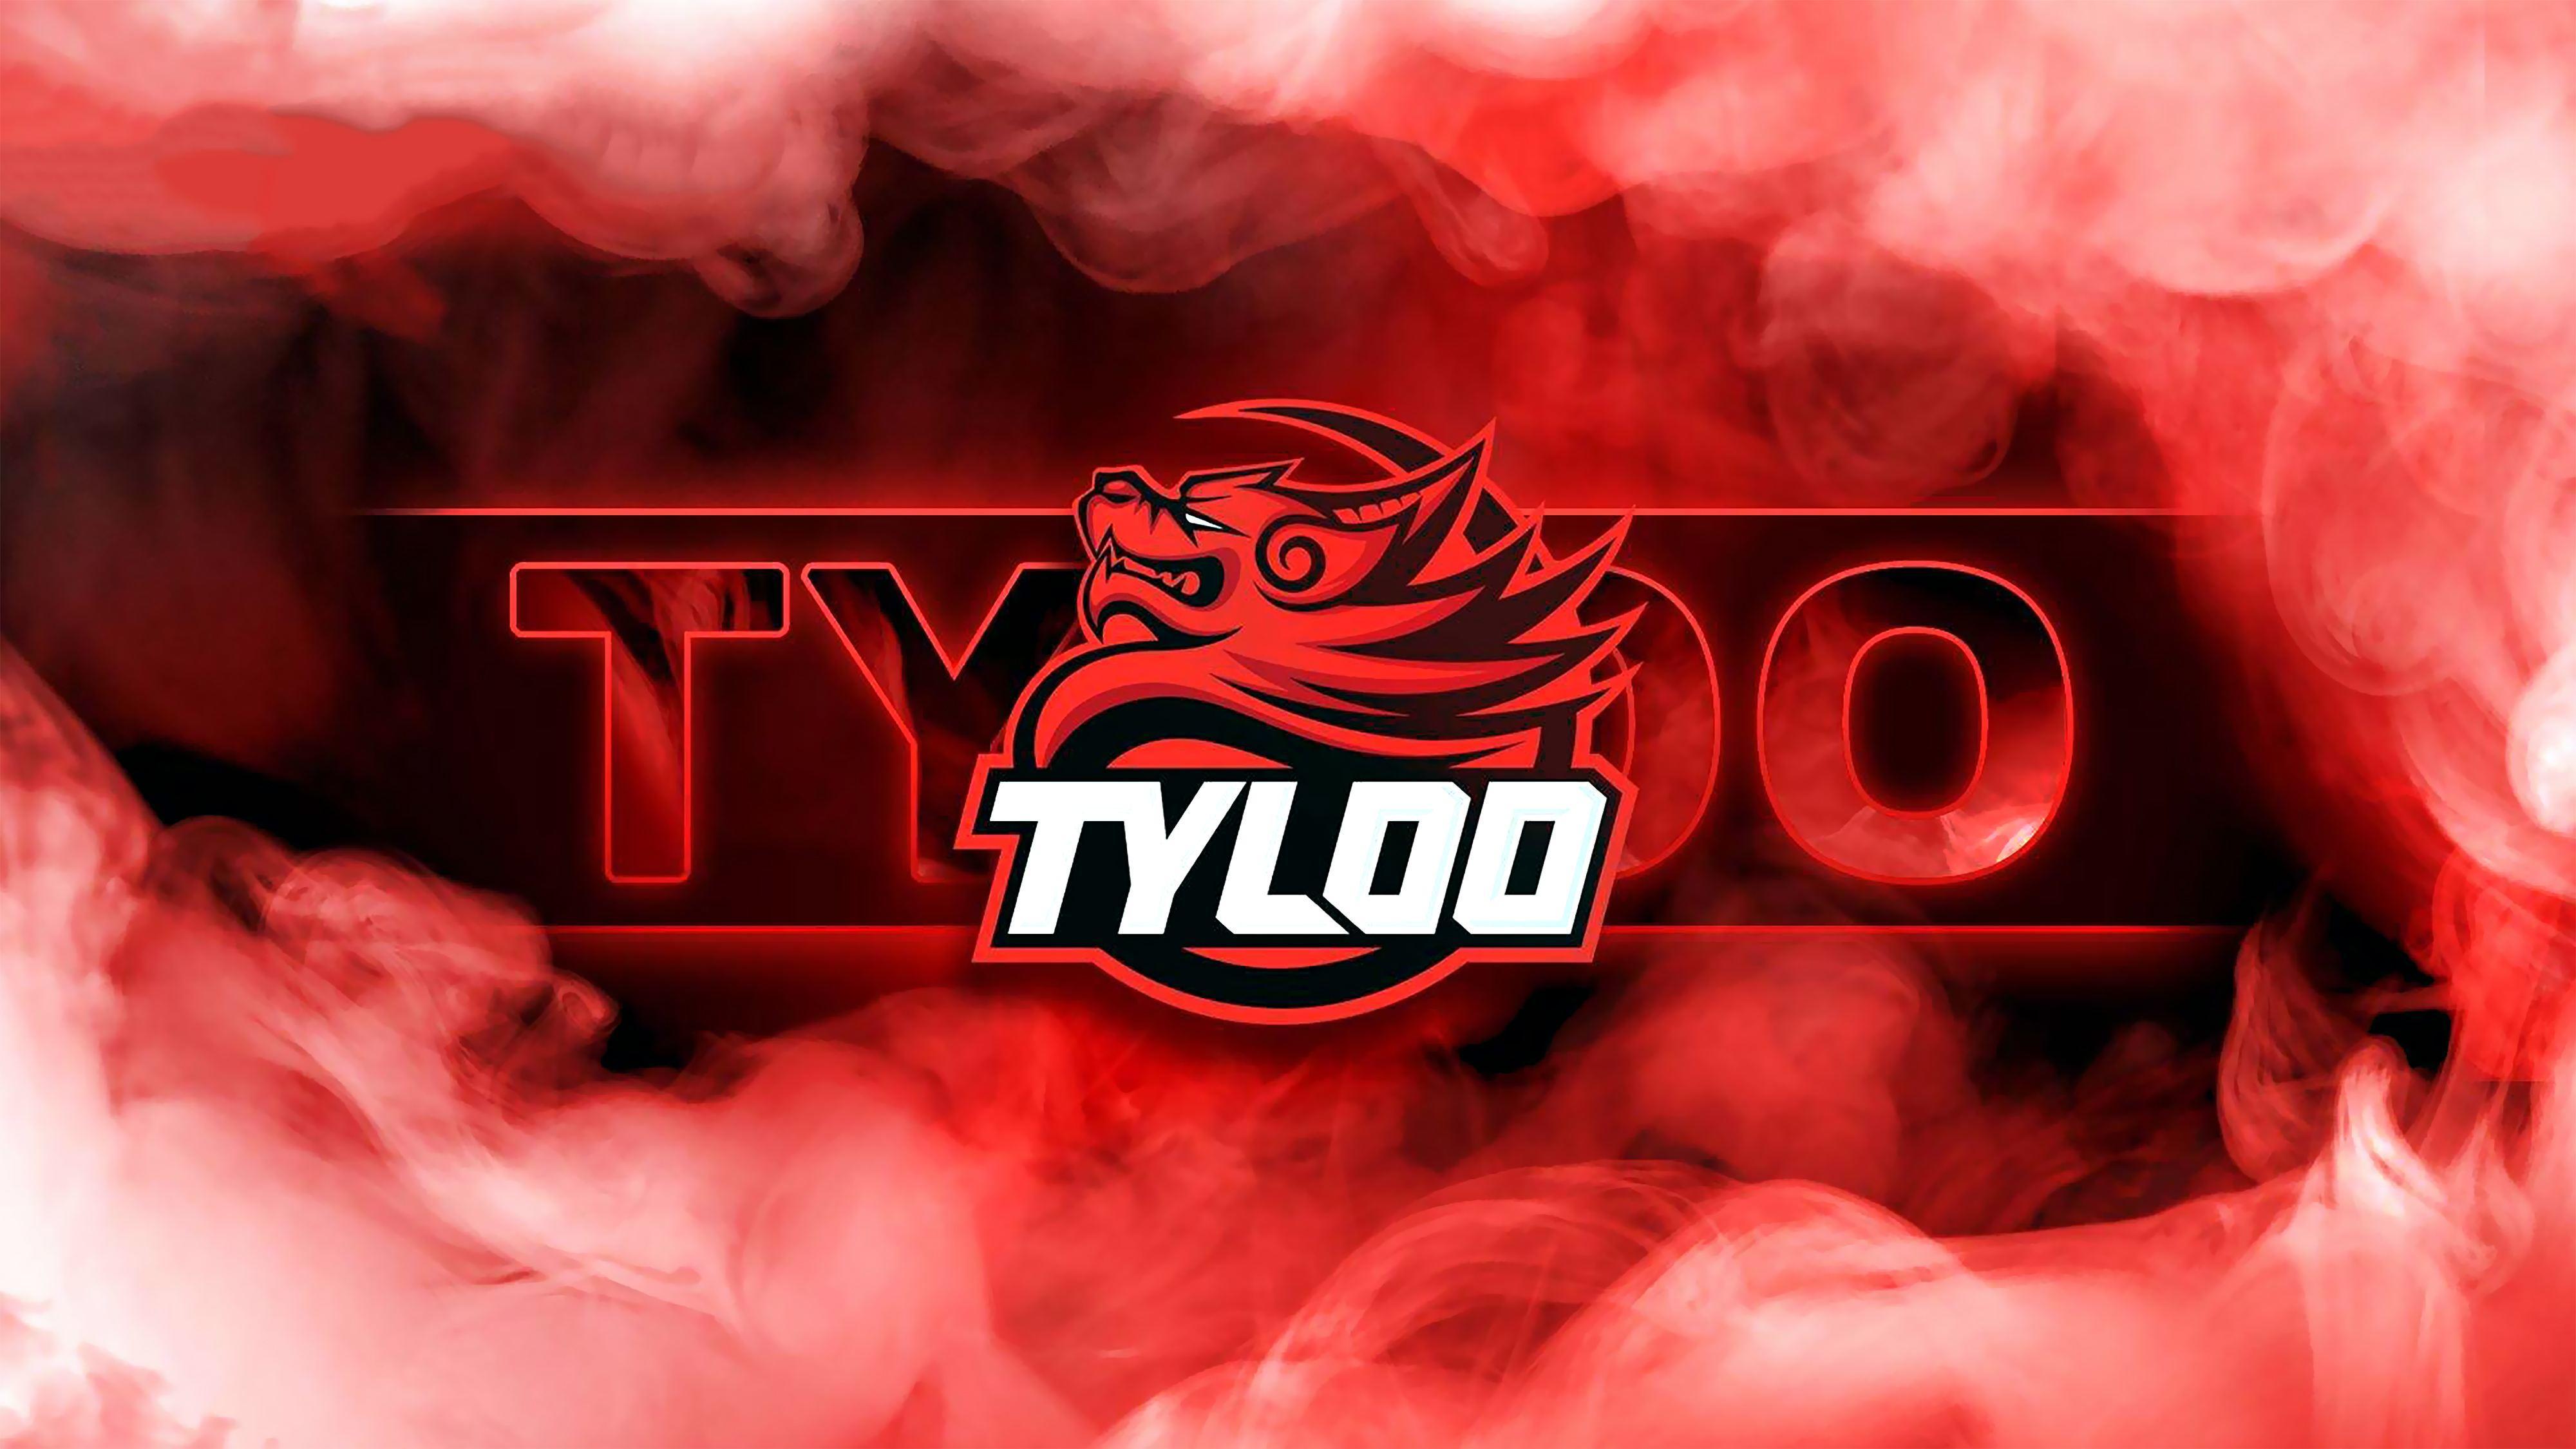 Tyloo Csgo